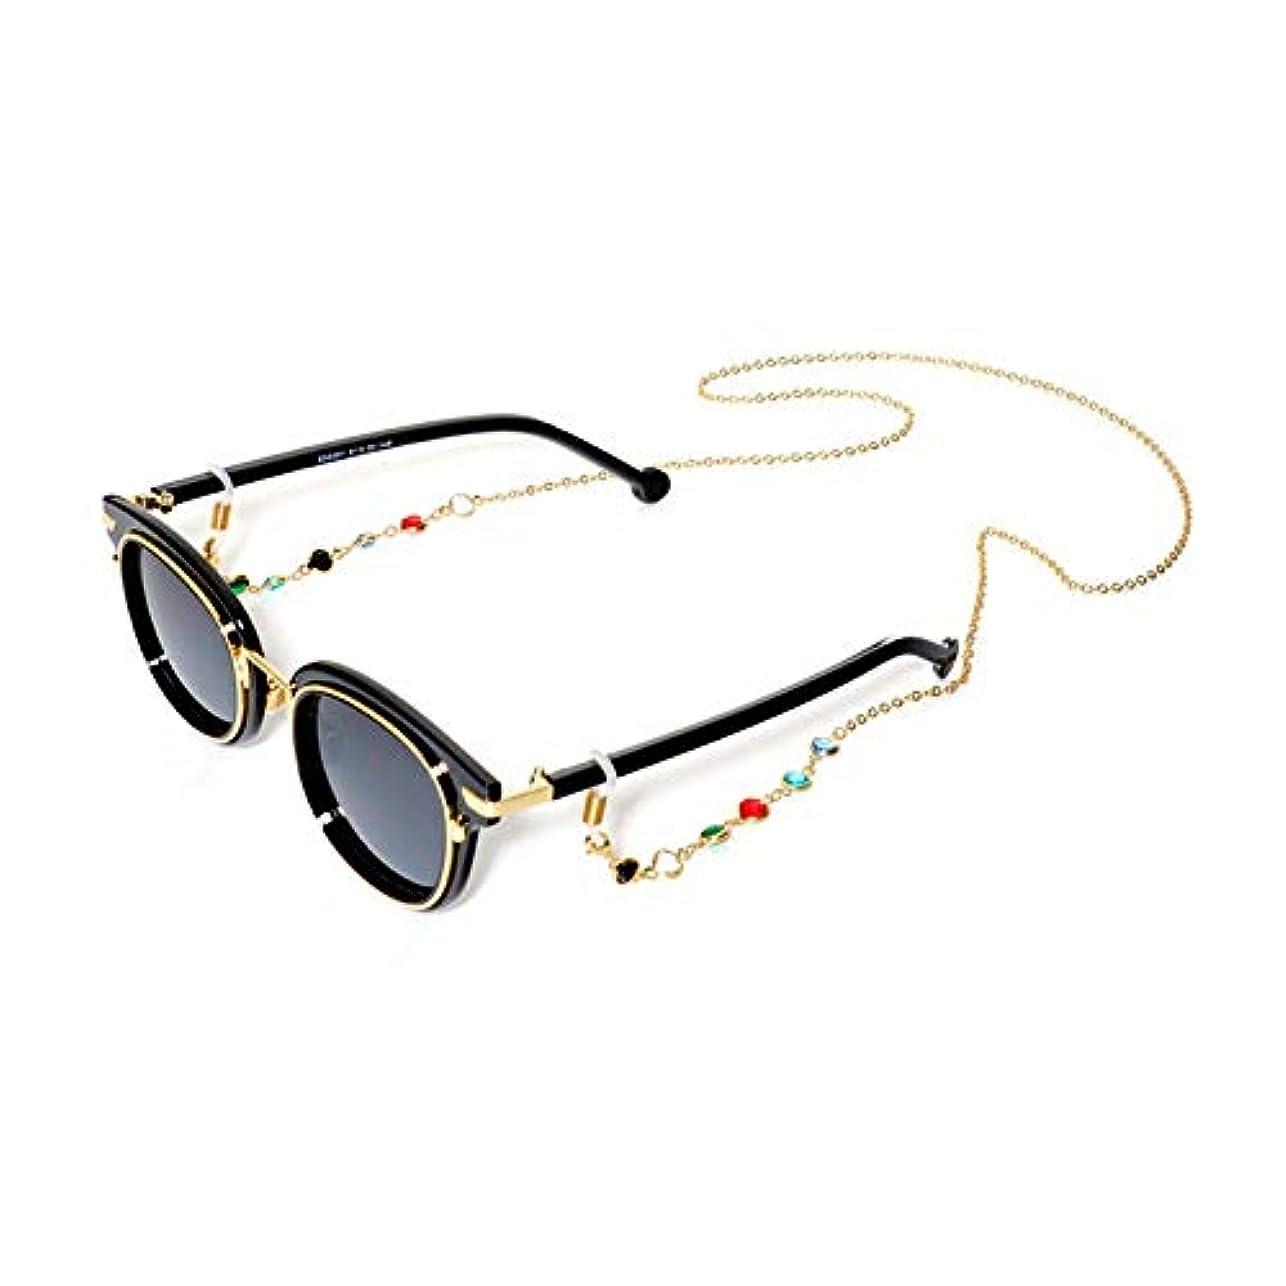 結婚式秘書銃BSTOPSEL ファッションジェムメガネチェーンメガネ老眼鏡メガネメガネホルダーストラップストラップ